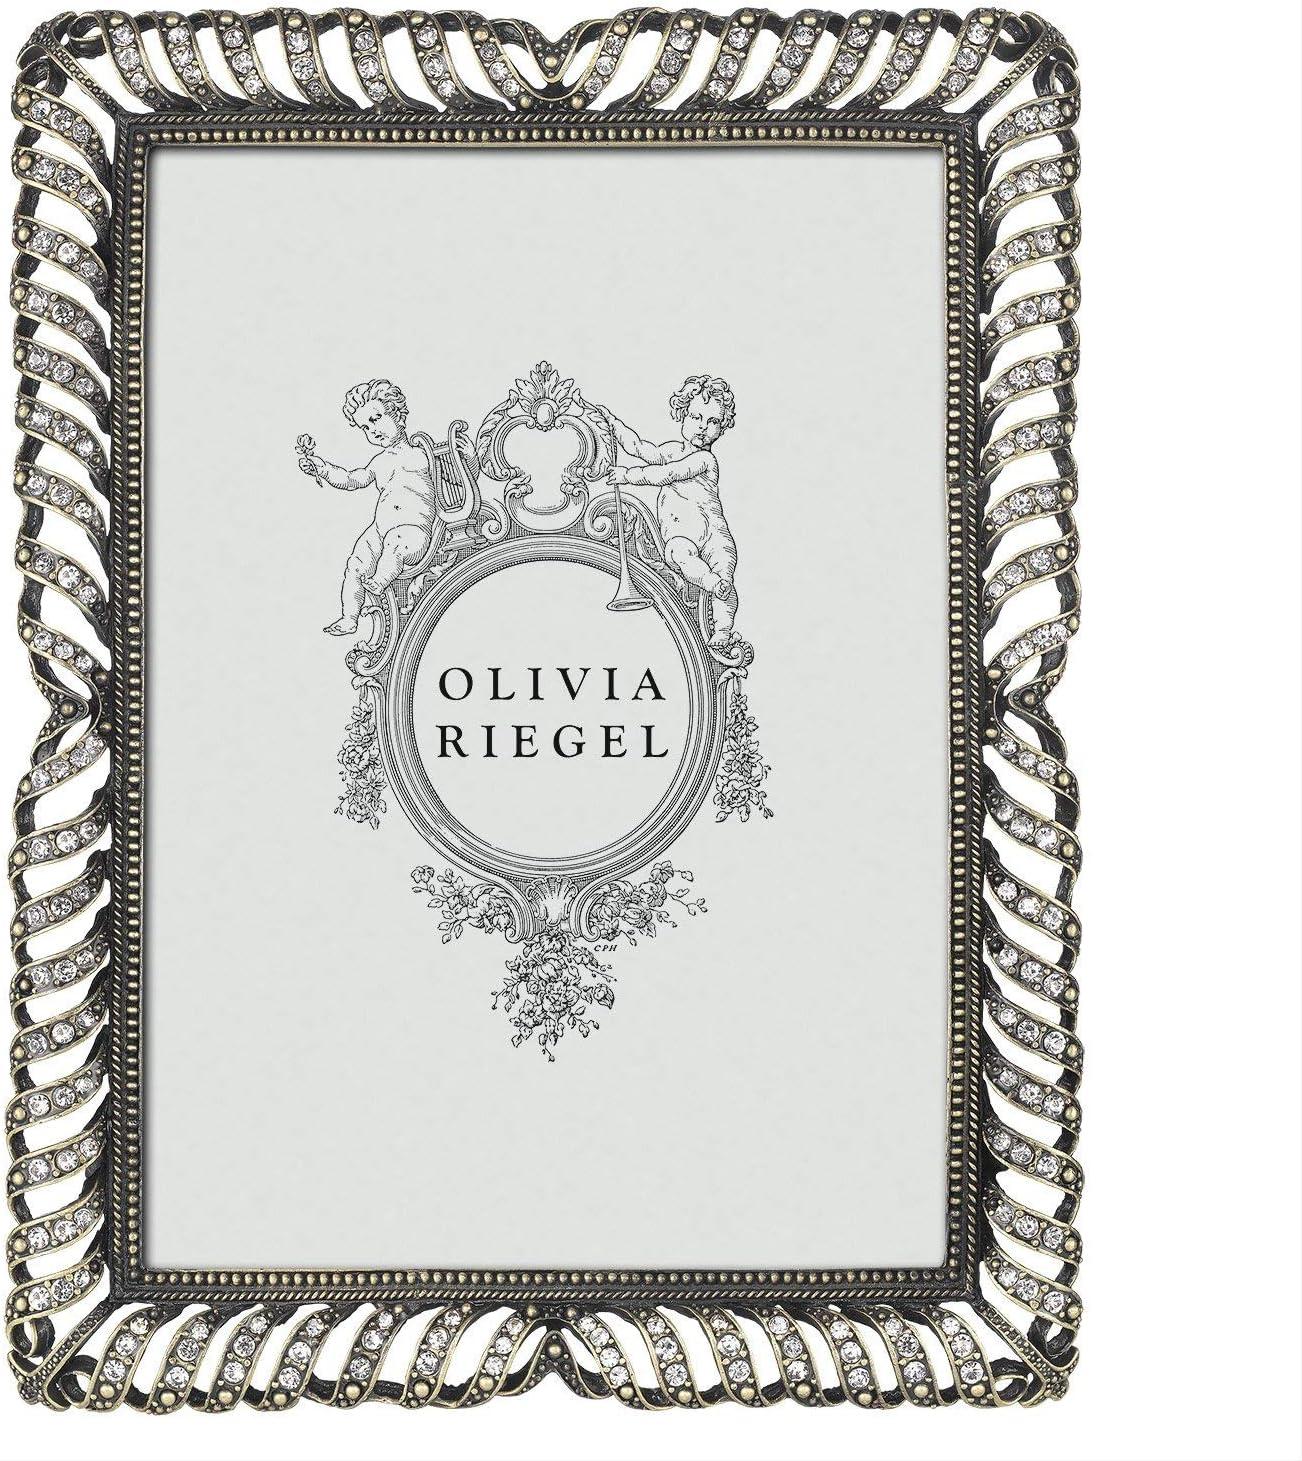 Olivia Riegel Dedication Bronze Frame Palmer 5x7 Discount is also underway